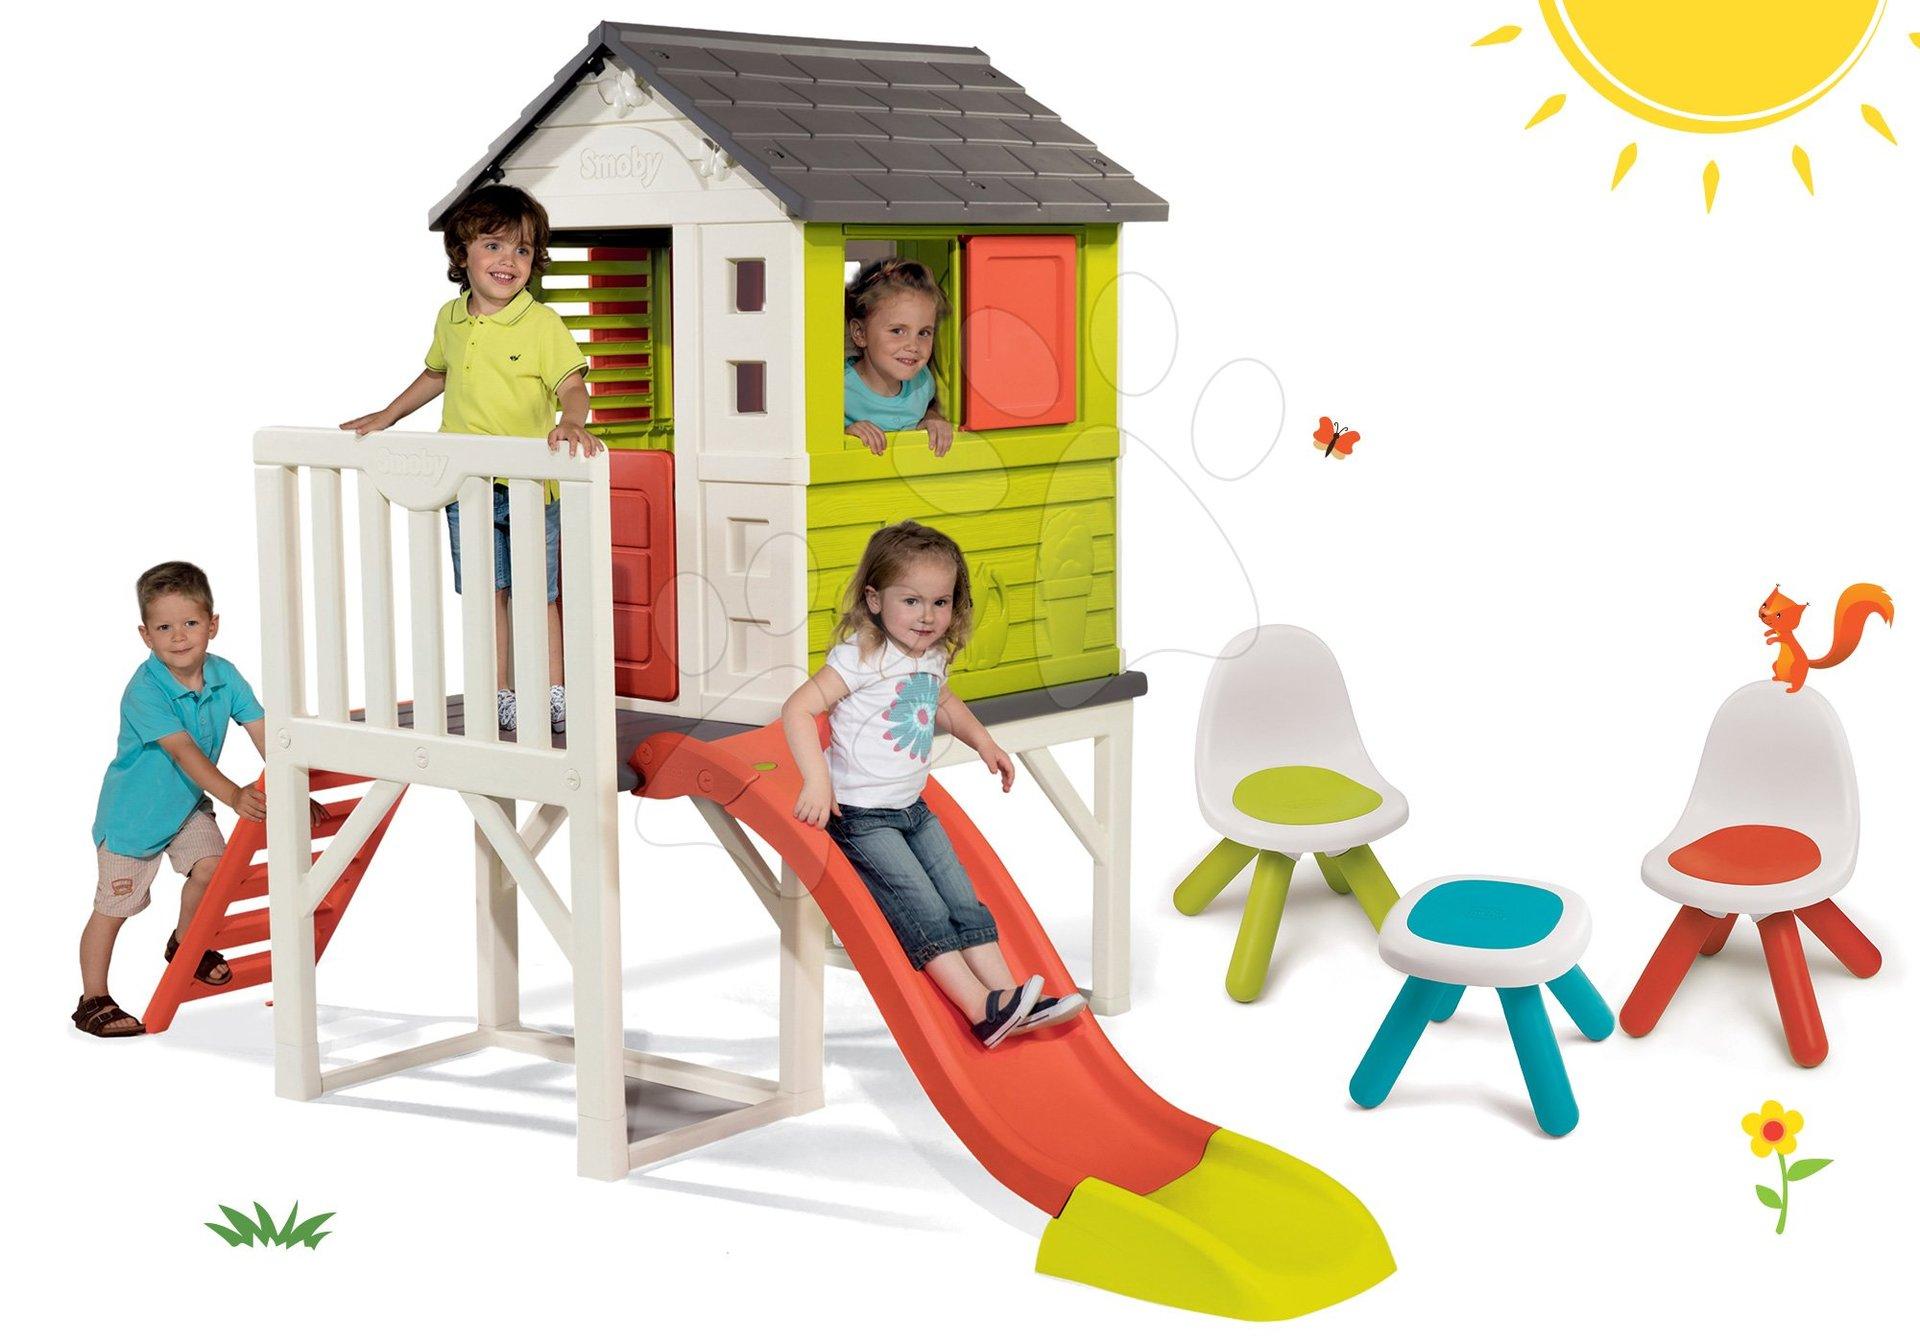 Smoby set detský domček na pilieroch Pilings House s 1,5 m šmykľavkou, 2 ks stoličky Kid Chair a stolík 810800-9